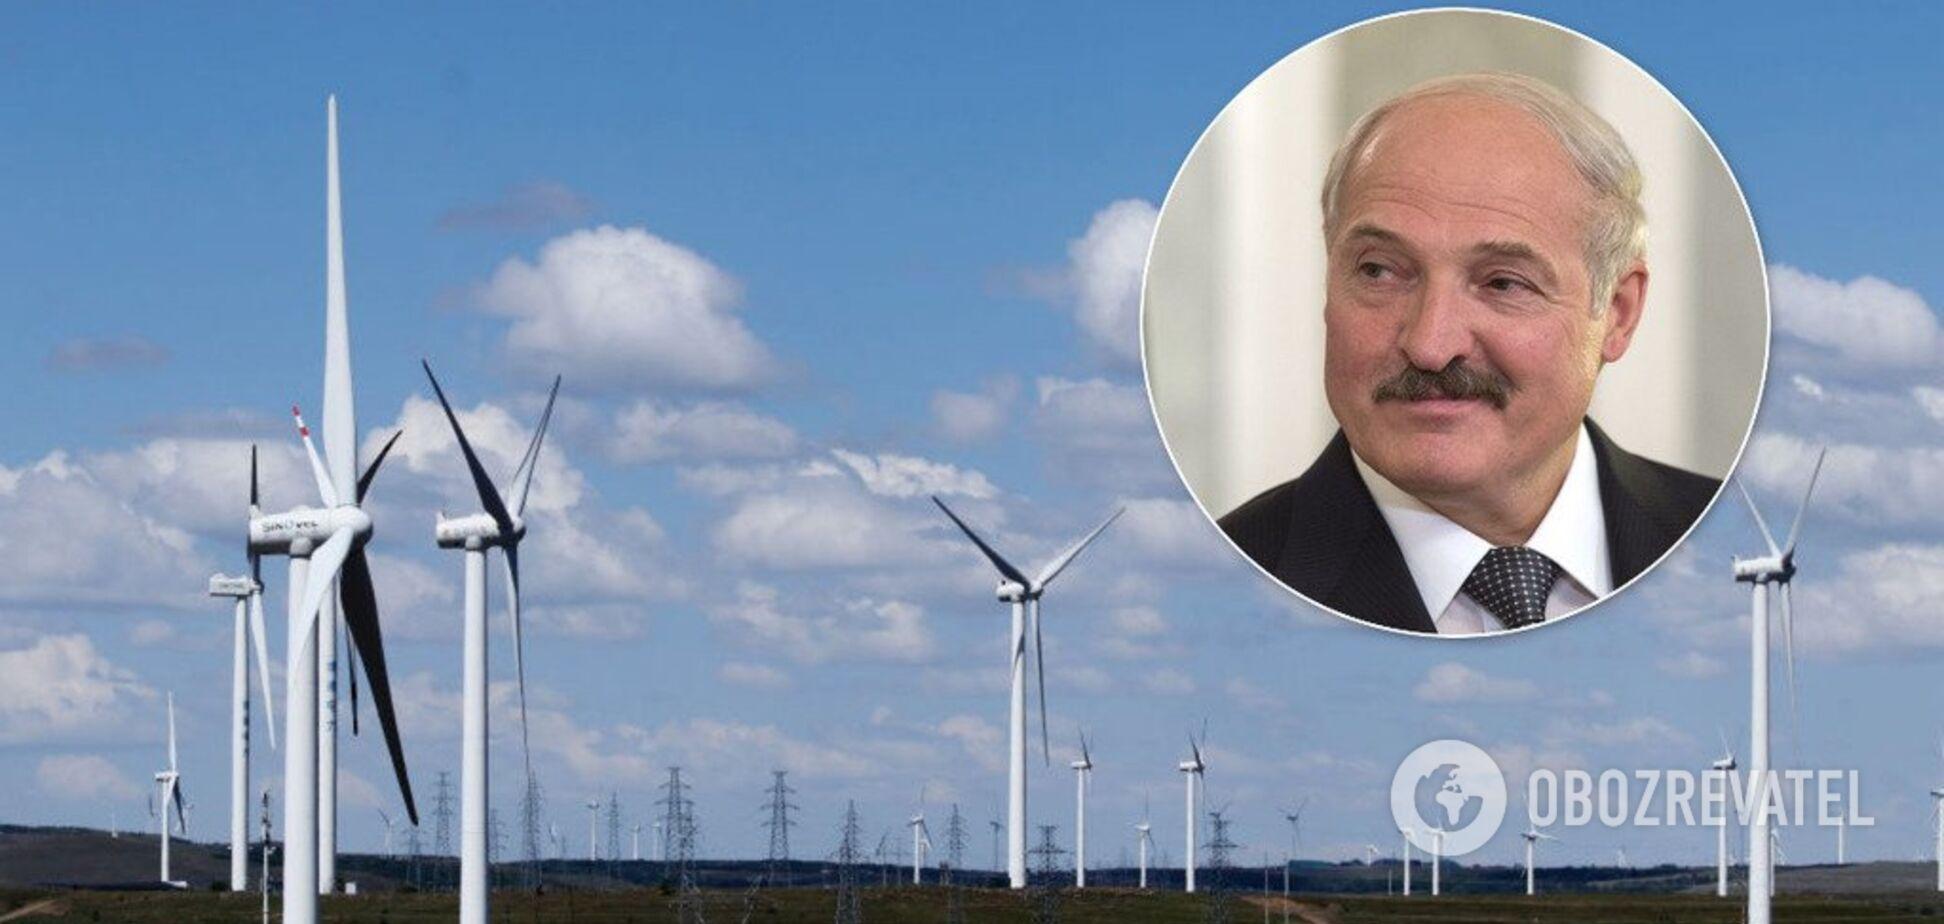 Отказ от газа и нефти: Лукашенко решил делать 'деньги из воздуха'